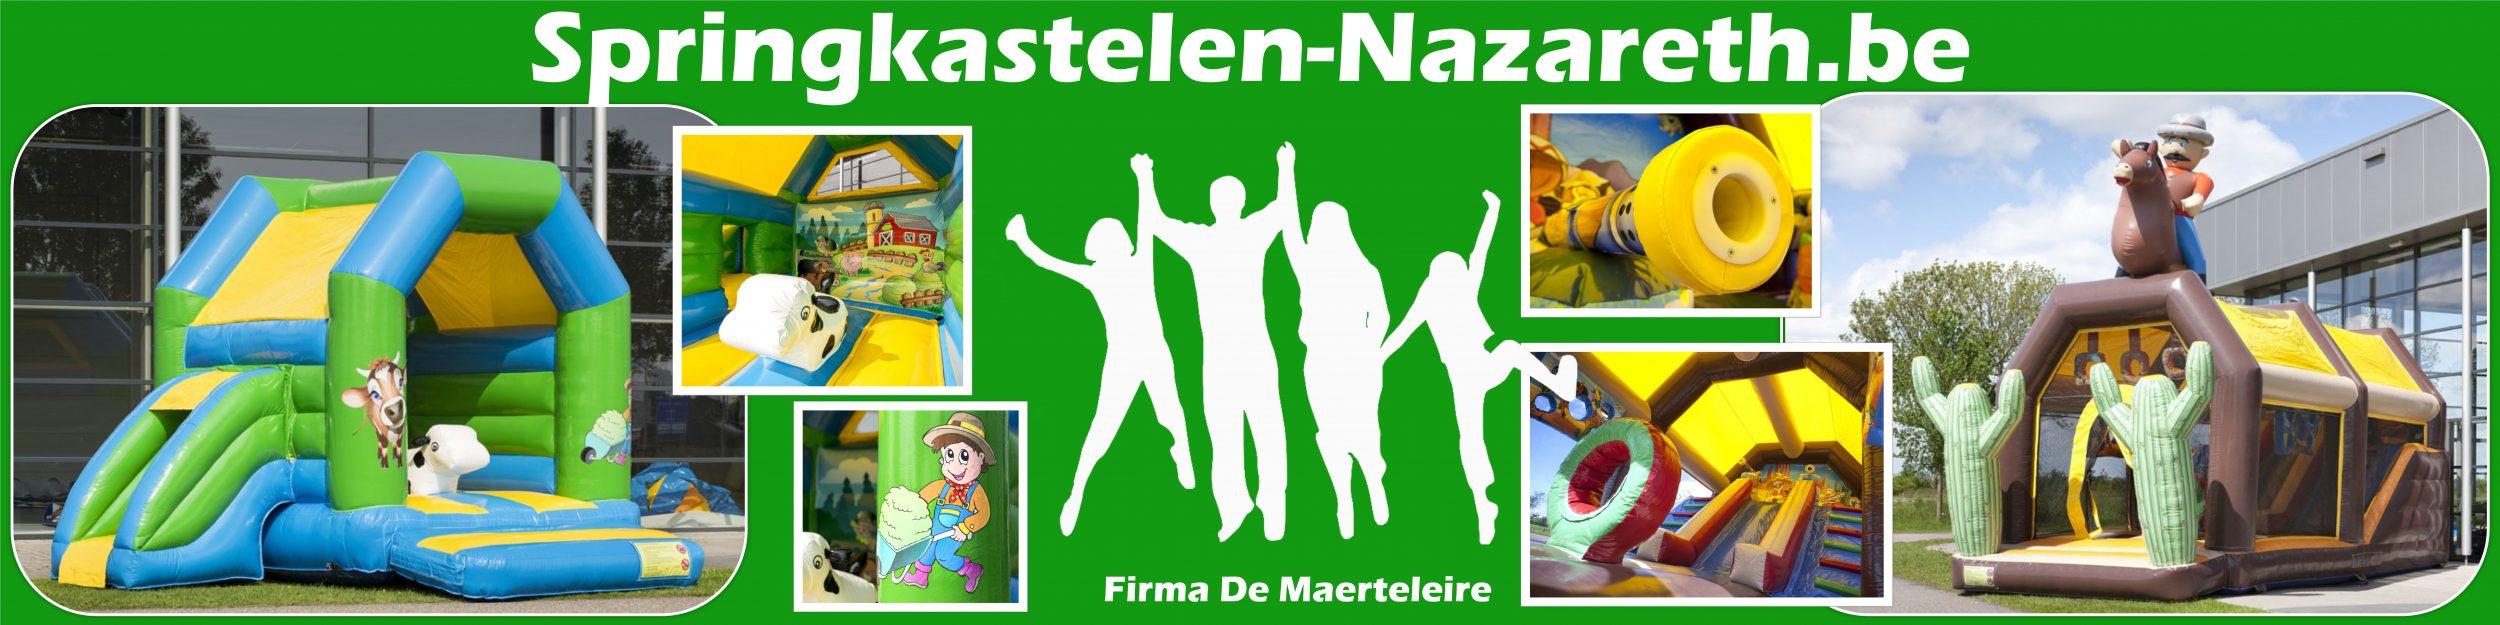 Springkastelen-Nazareth